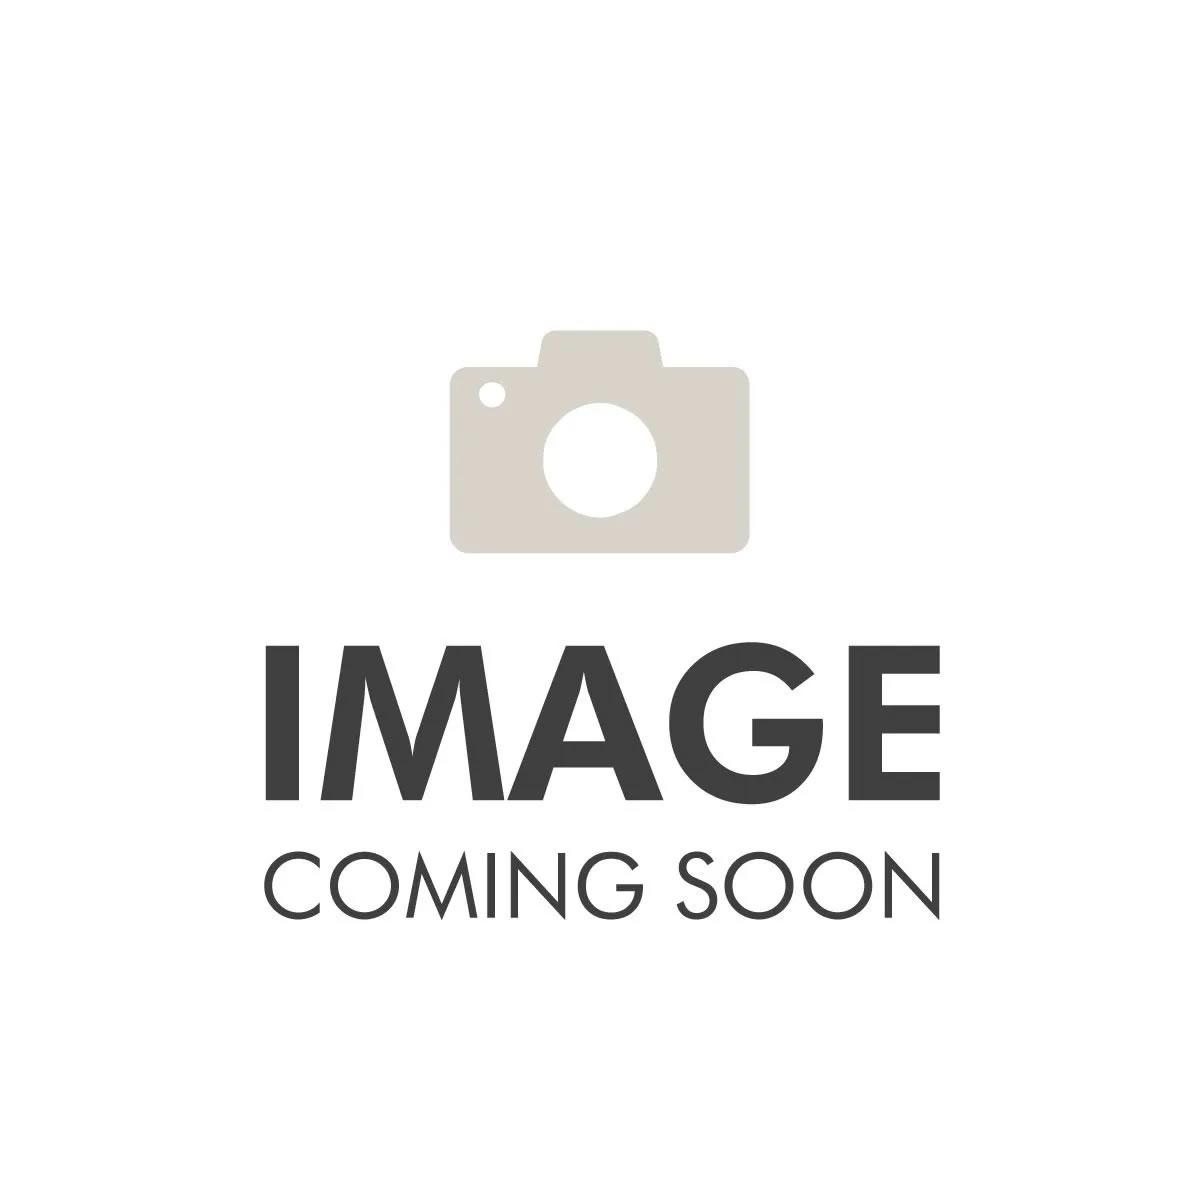 Timing Chain Kit, 3.8L/4.2L; 72-90 Jeep CJ Models